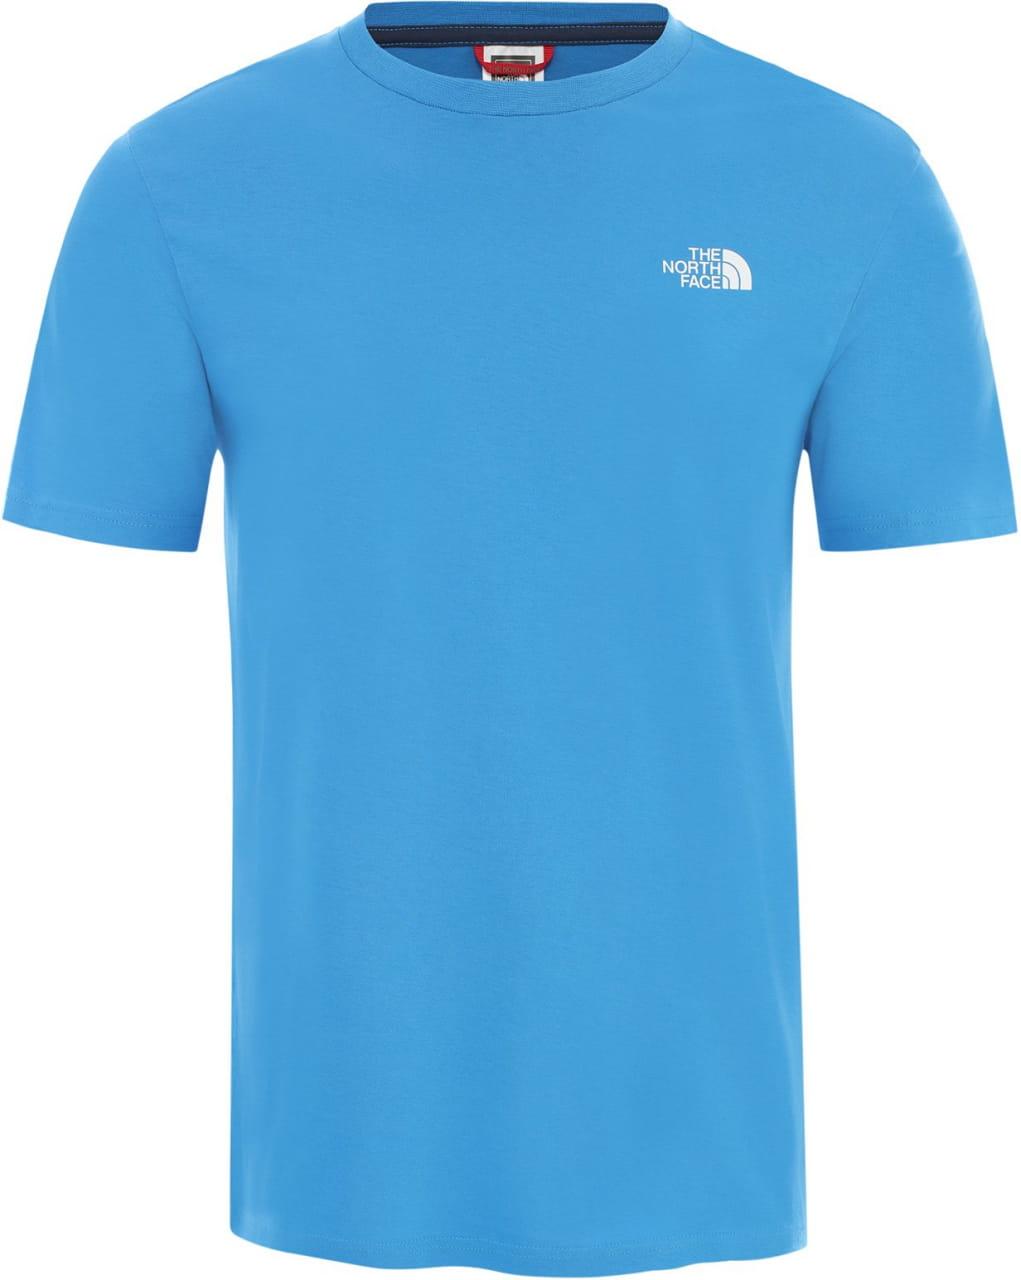 Pánské tričko The North Face Men's Bad Glasses T-Shirt